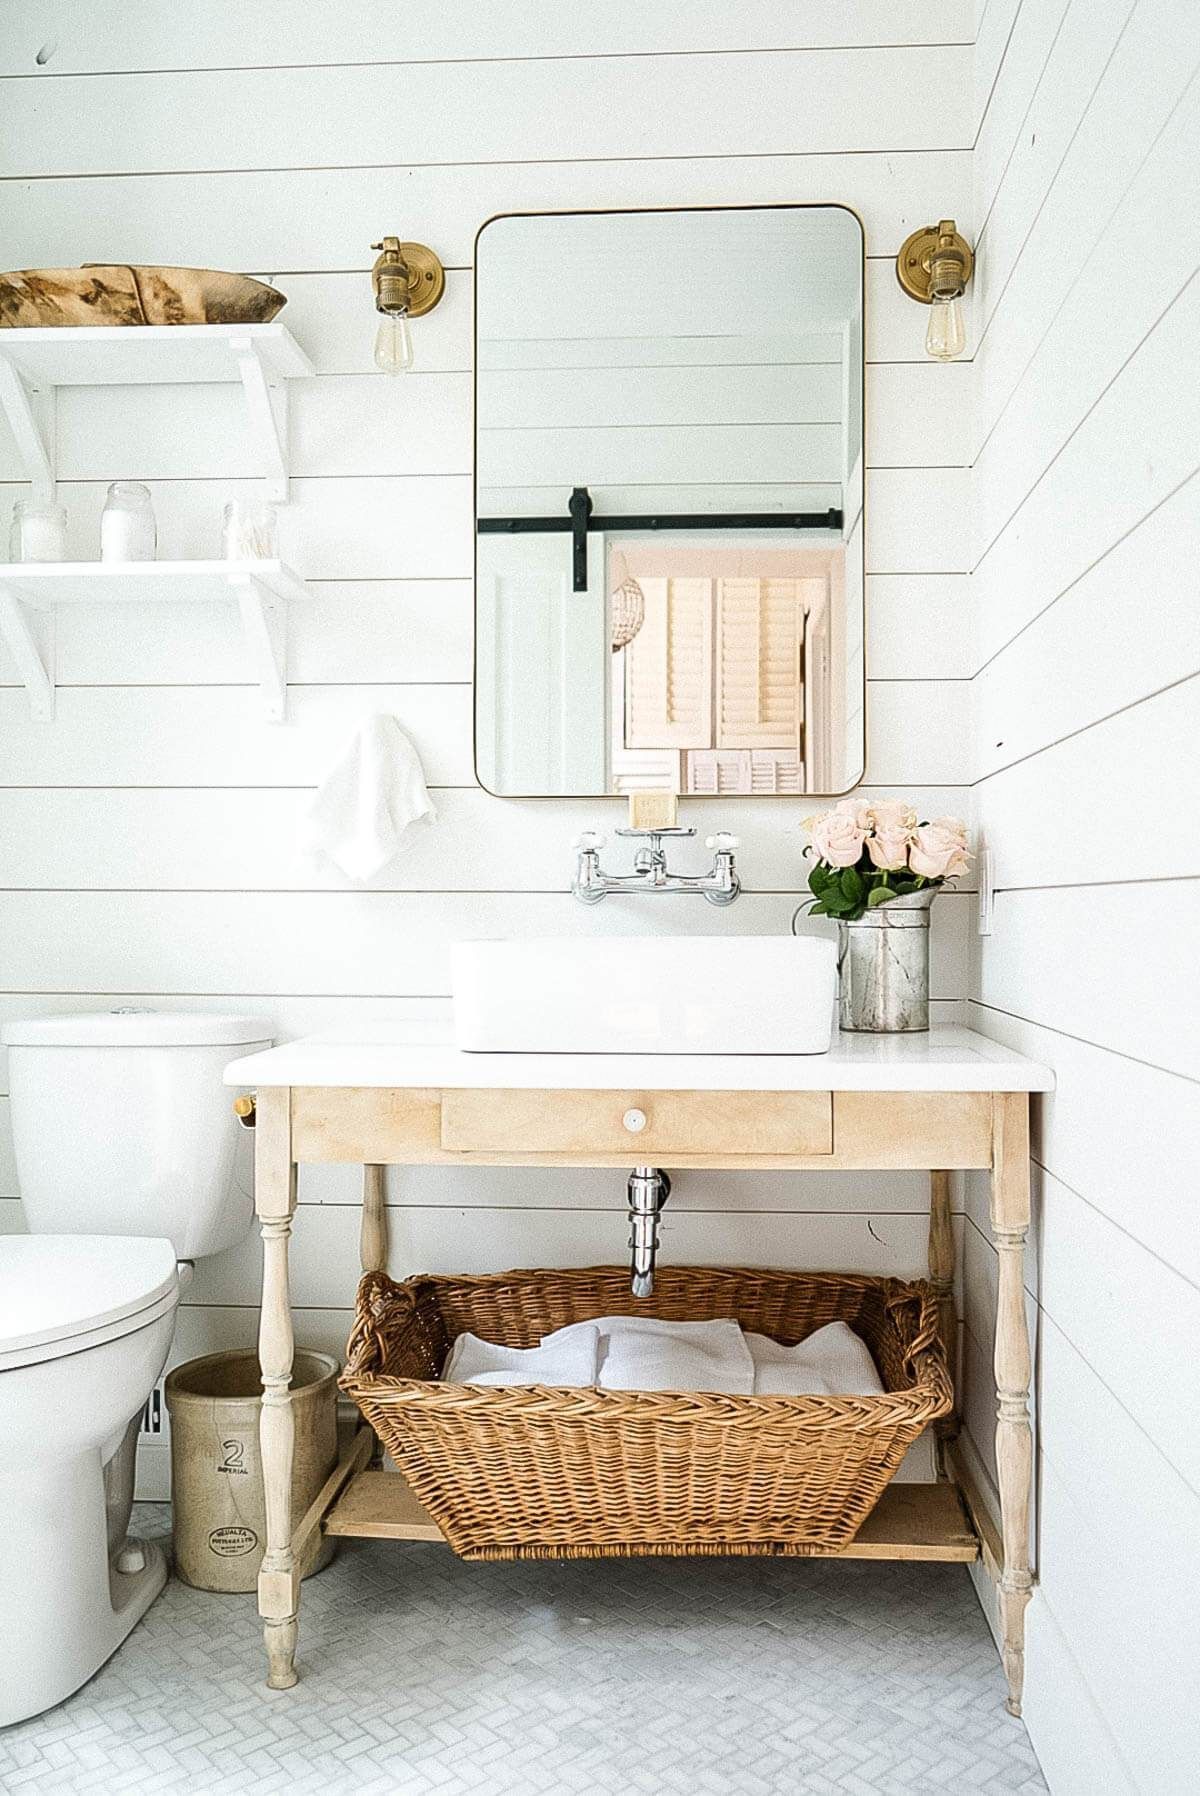 Wayfair Farmhouse Bathroom Renovation 5 Proven Tips To Make A